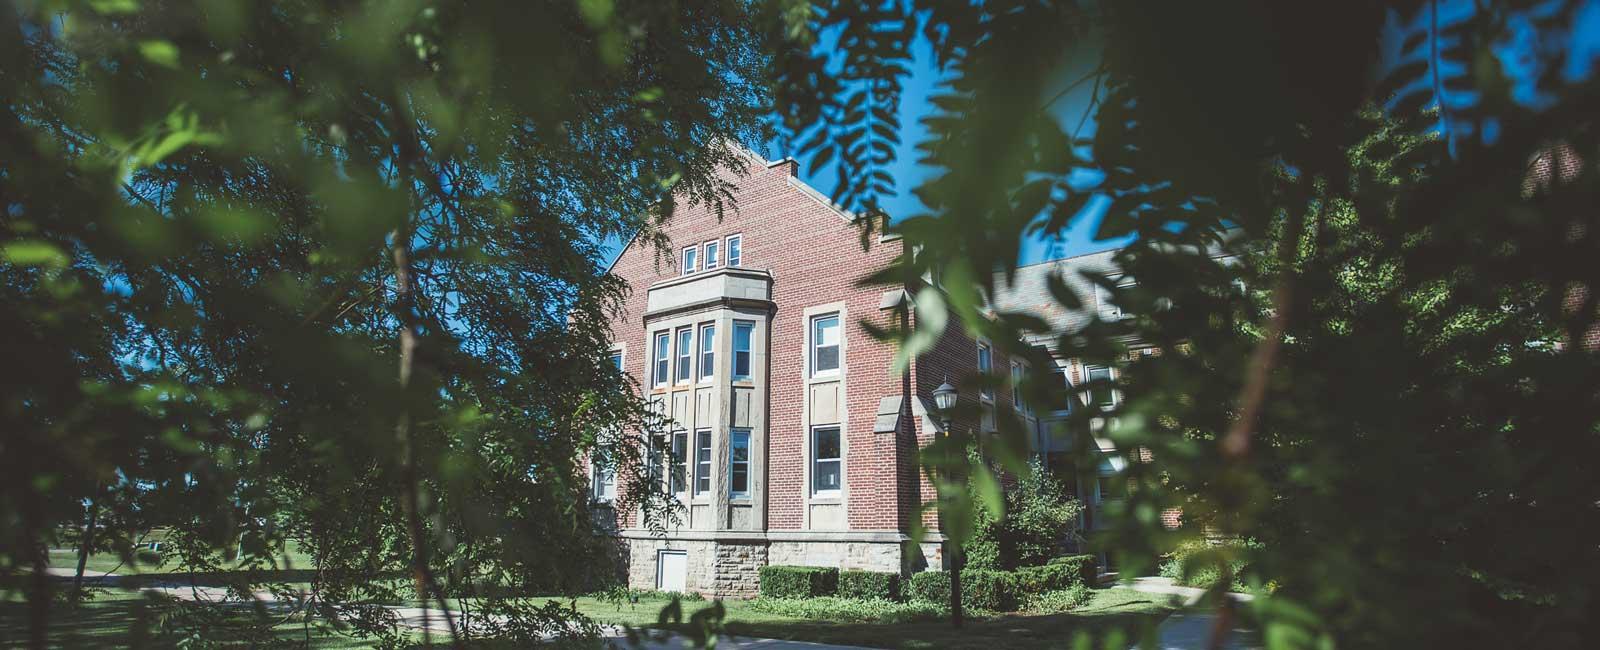 O'Neil/ Ridley Hall